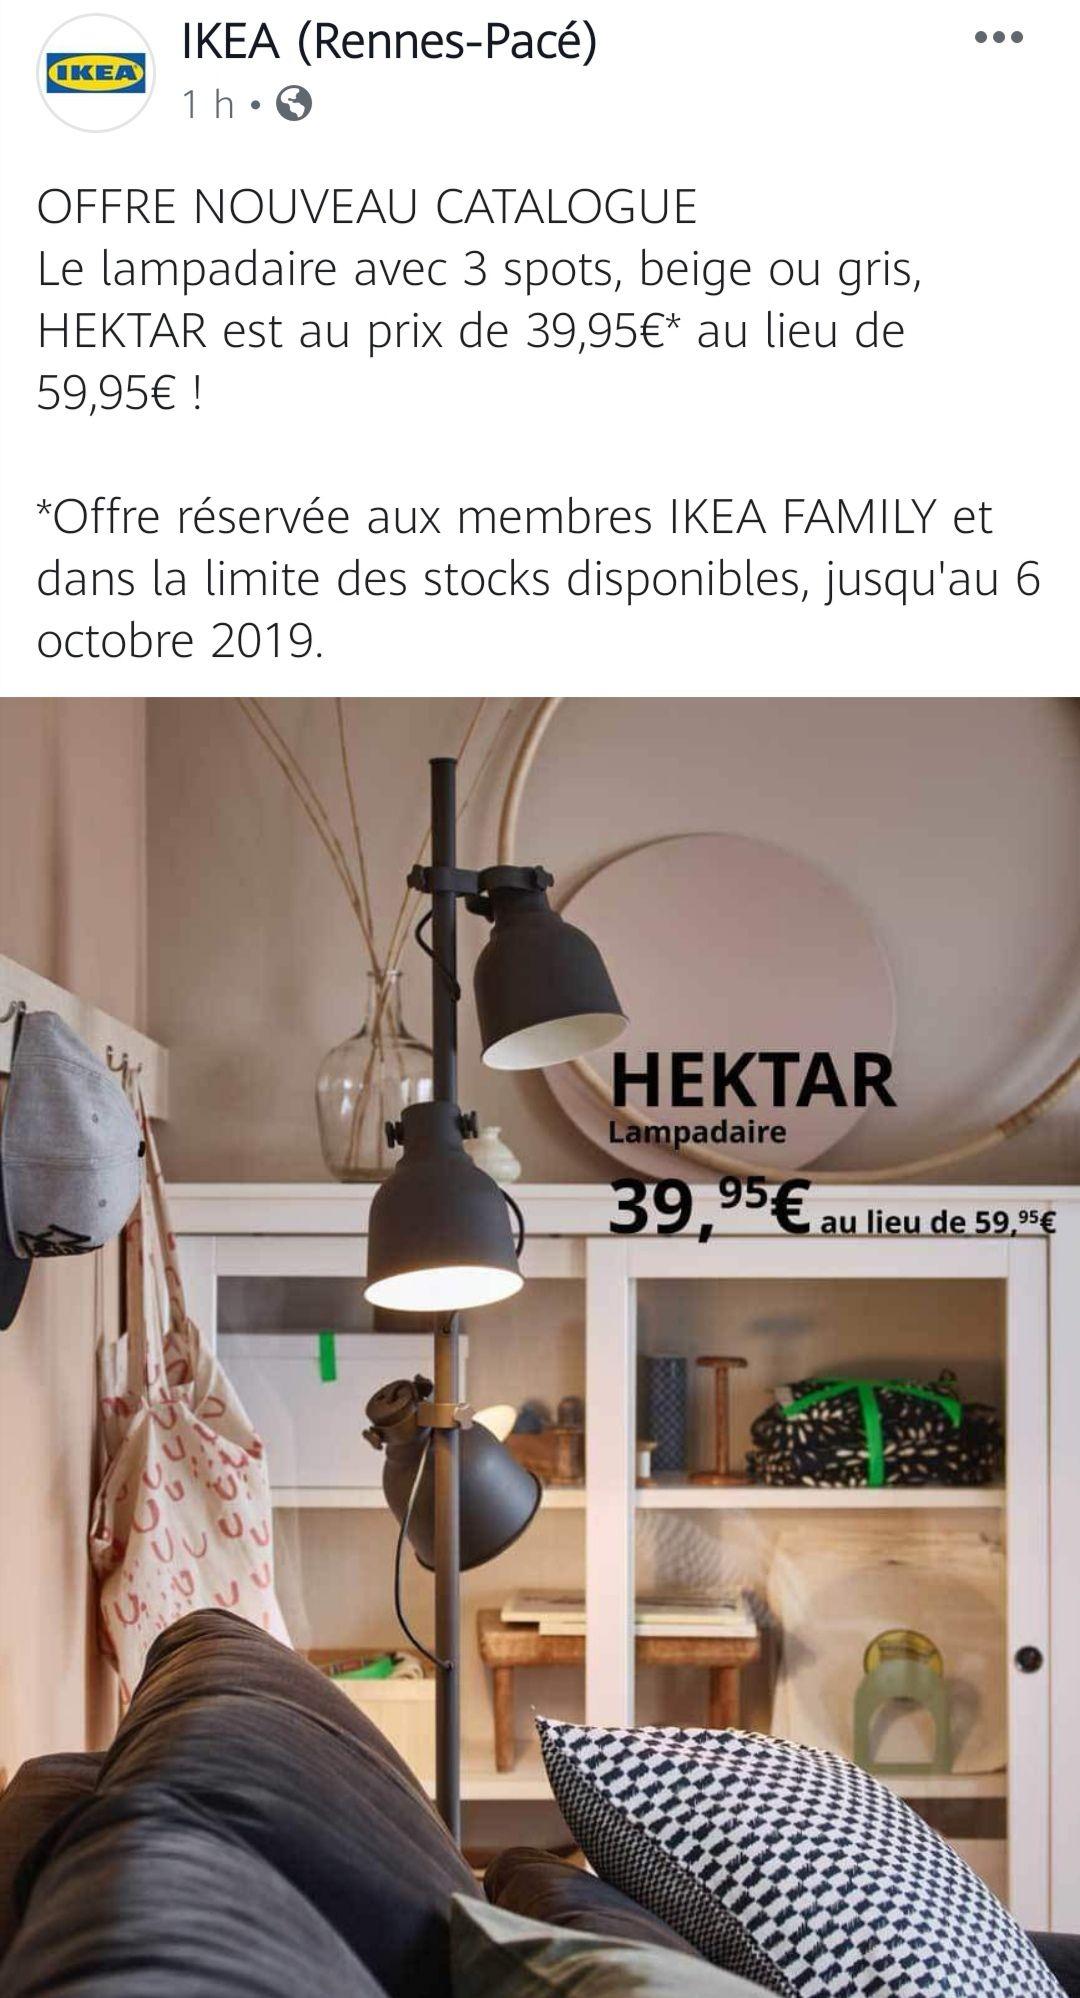 [Ikea Family]Lampadaire Hektar - National